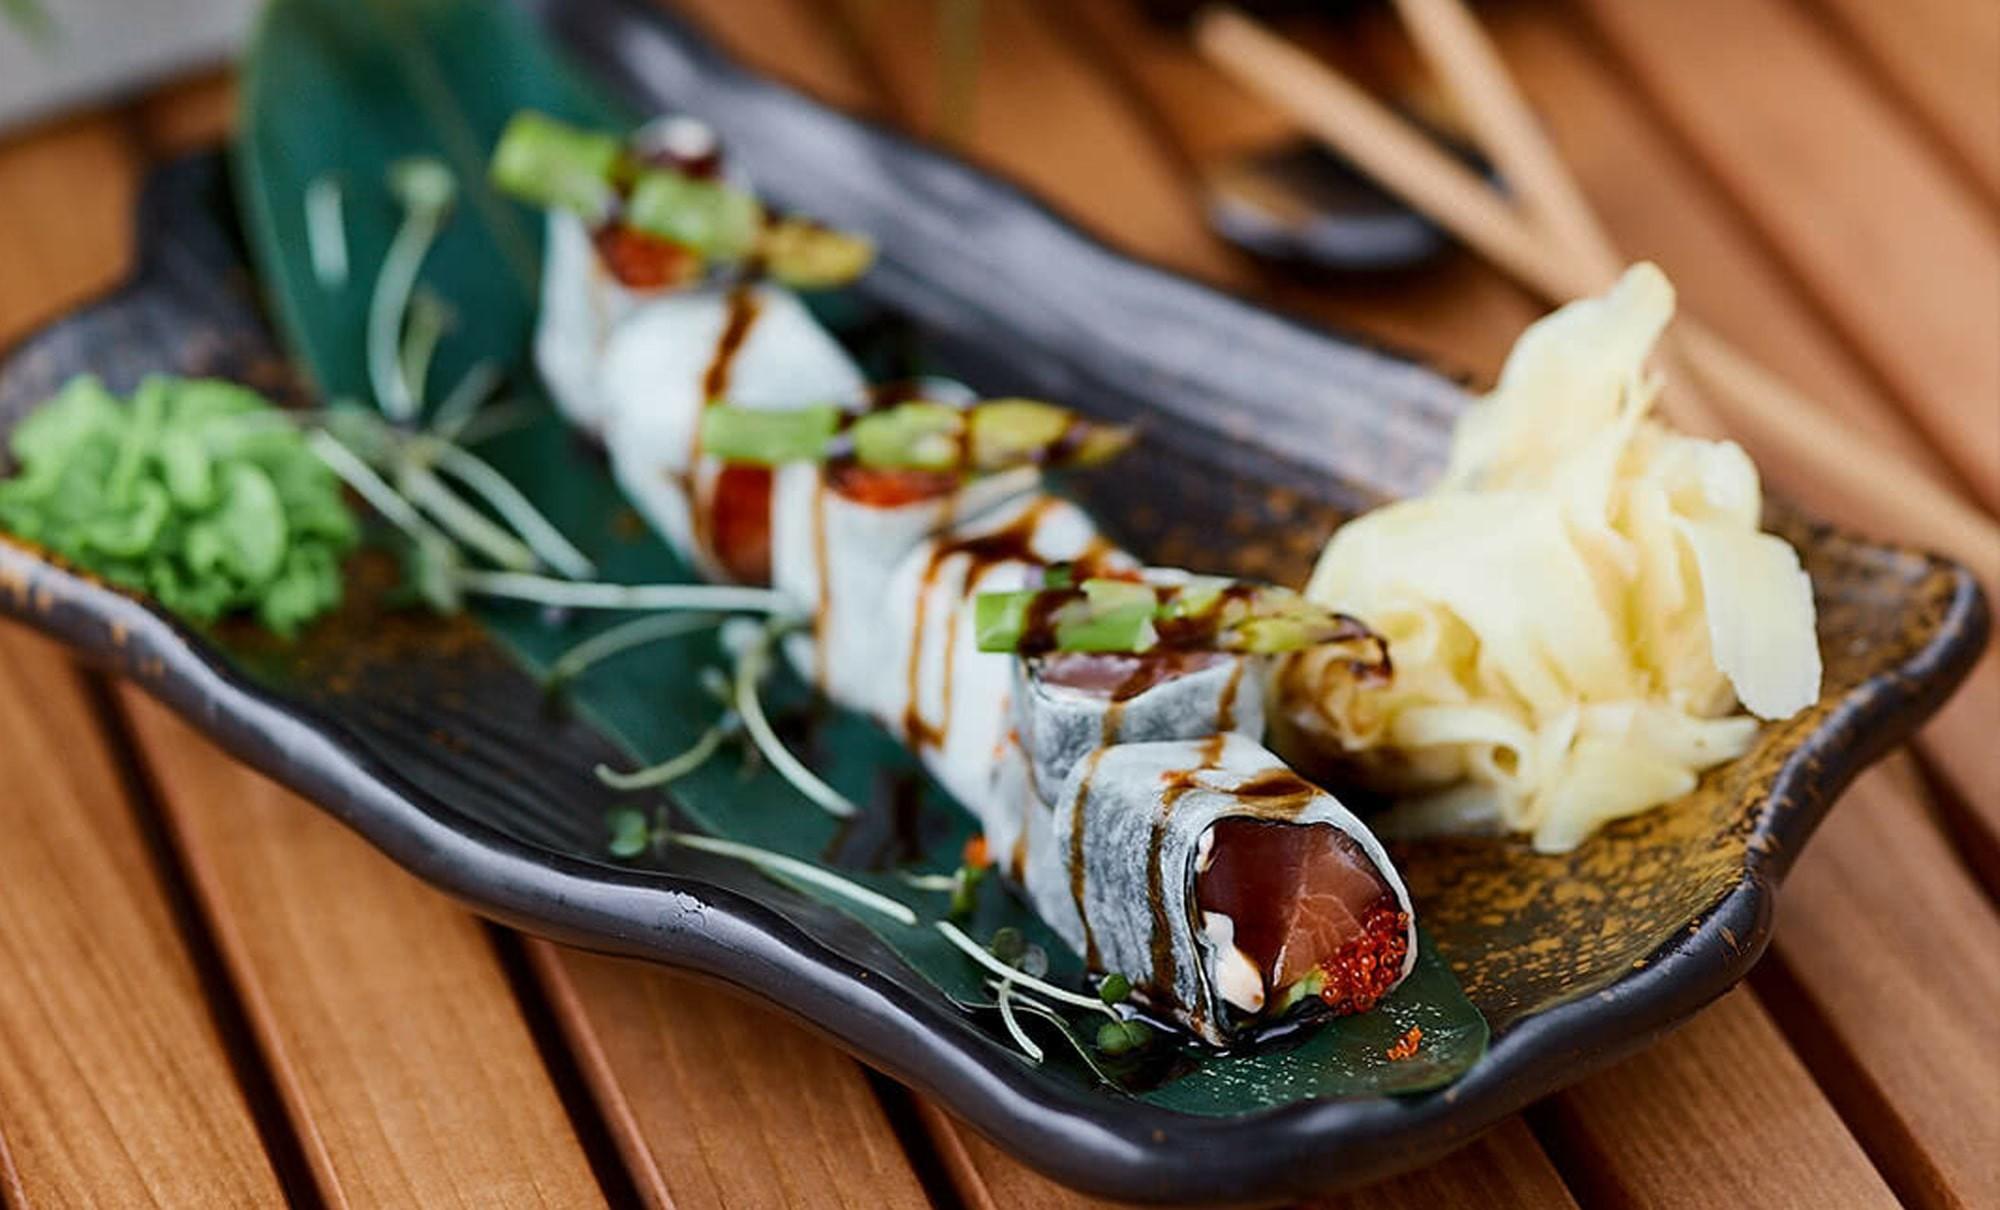 ролл без риса с морепродуктами и спаржей в ресторане Веранда